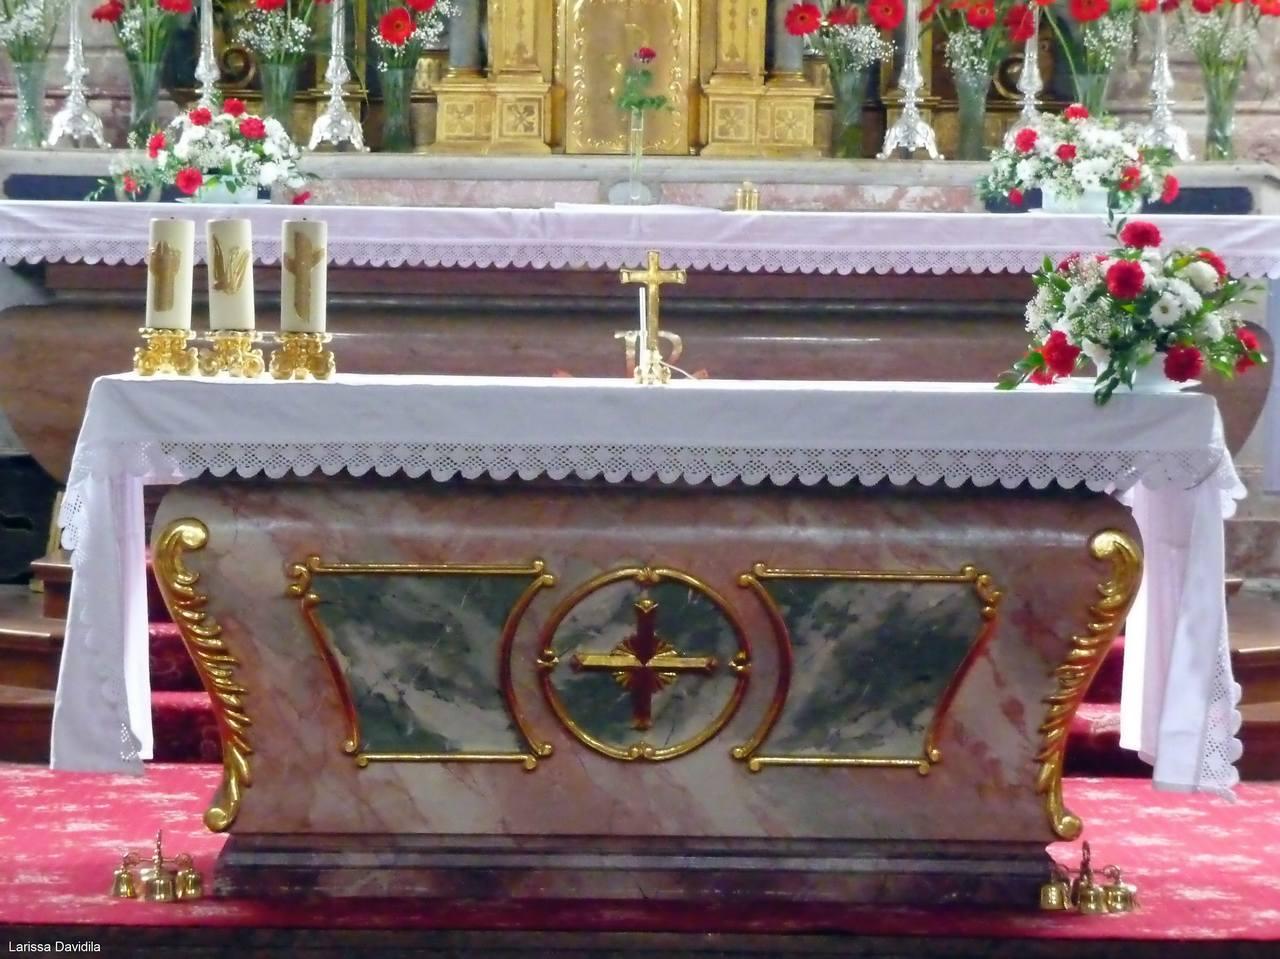 St. Johann -25-8-08 (6)